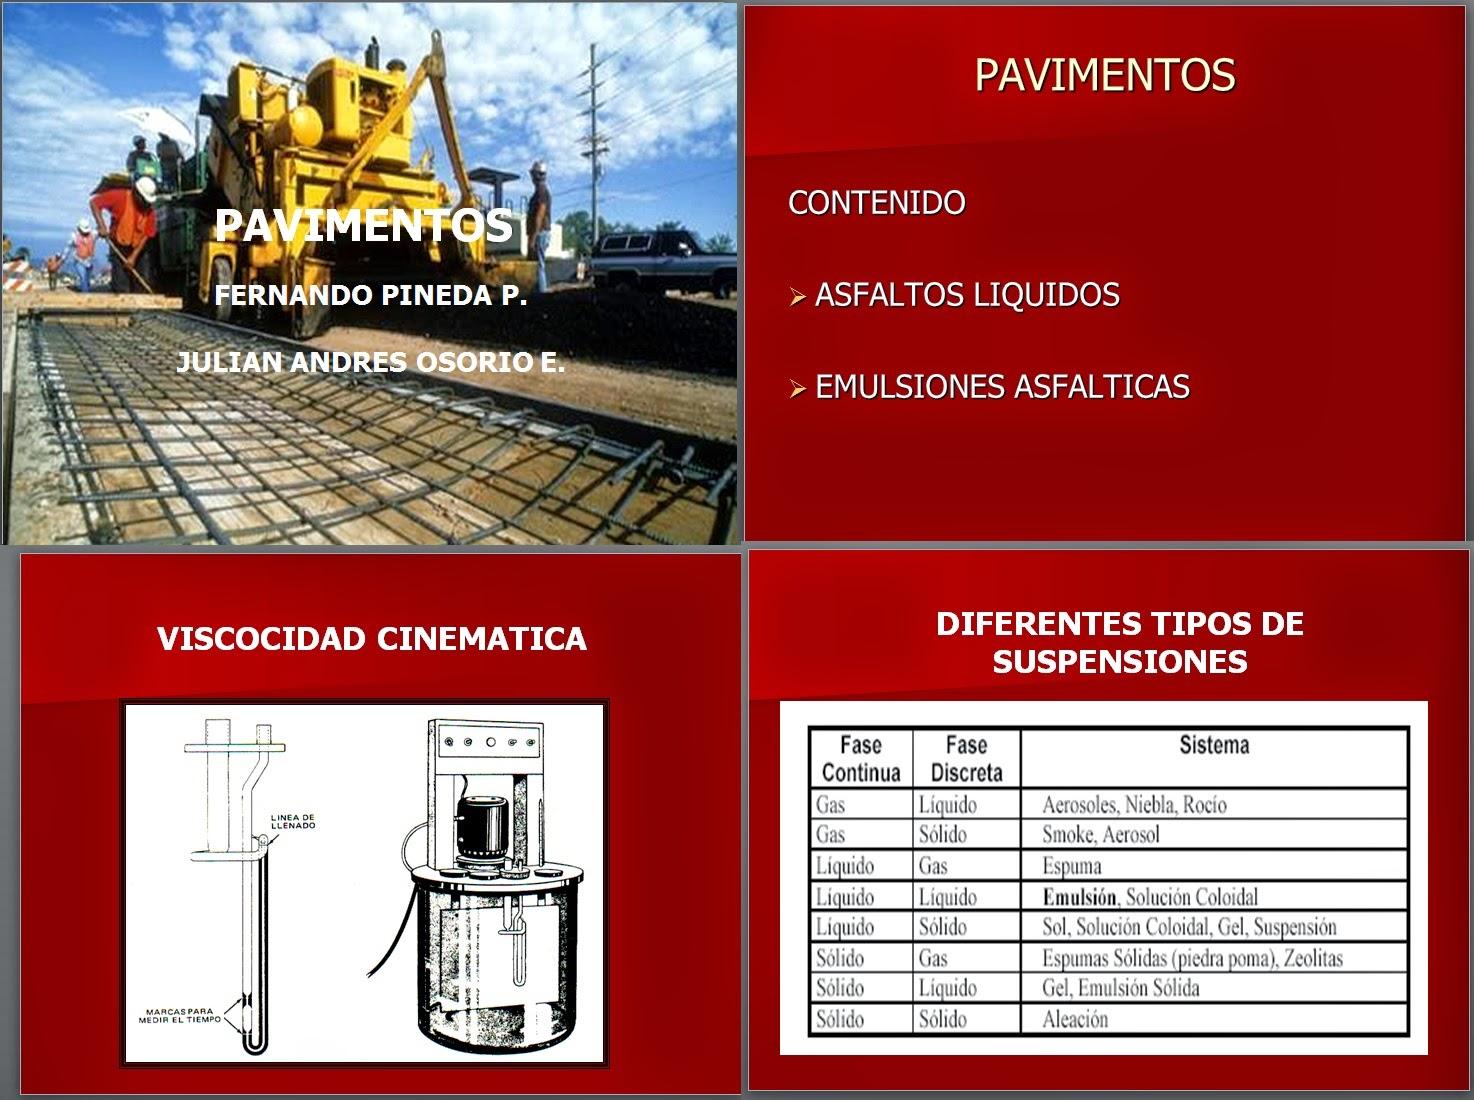 Asfaltos liquidos y emulsiones asfalticas